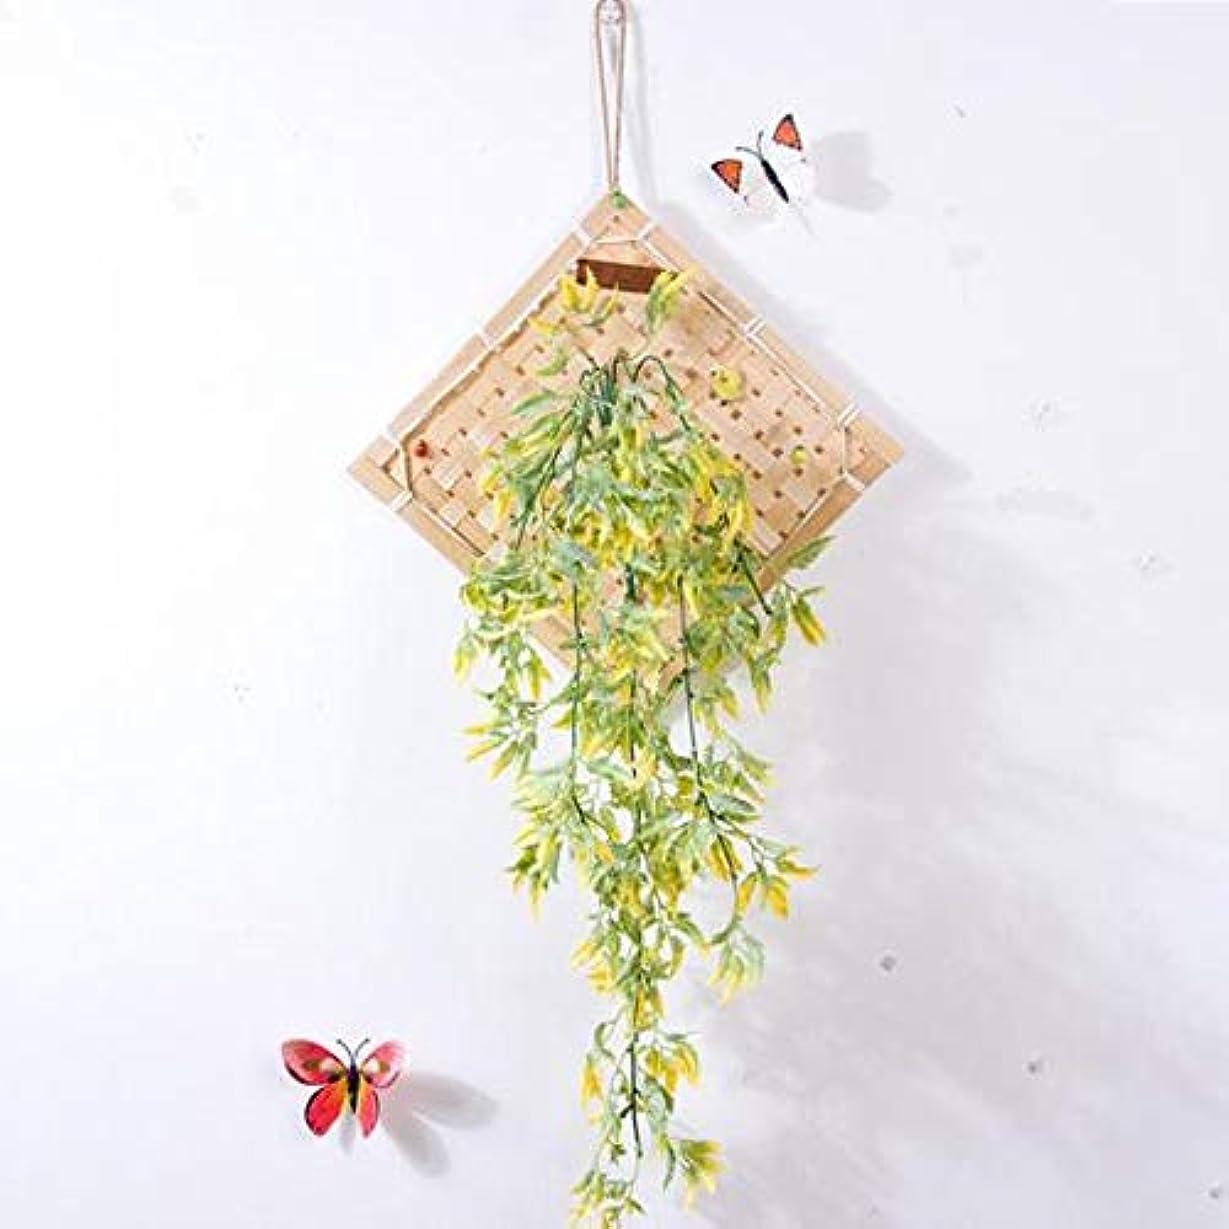 哲学者とげのある計算するKaiyitong01 風チャイム、クリエイティブ?竹ホームデコレーション風チャイム、パープル、幅38.5CM,絶妙なファッション (Color : Yellow)